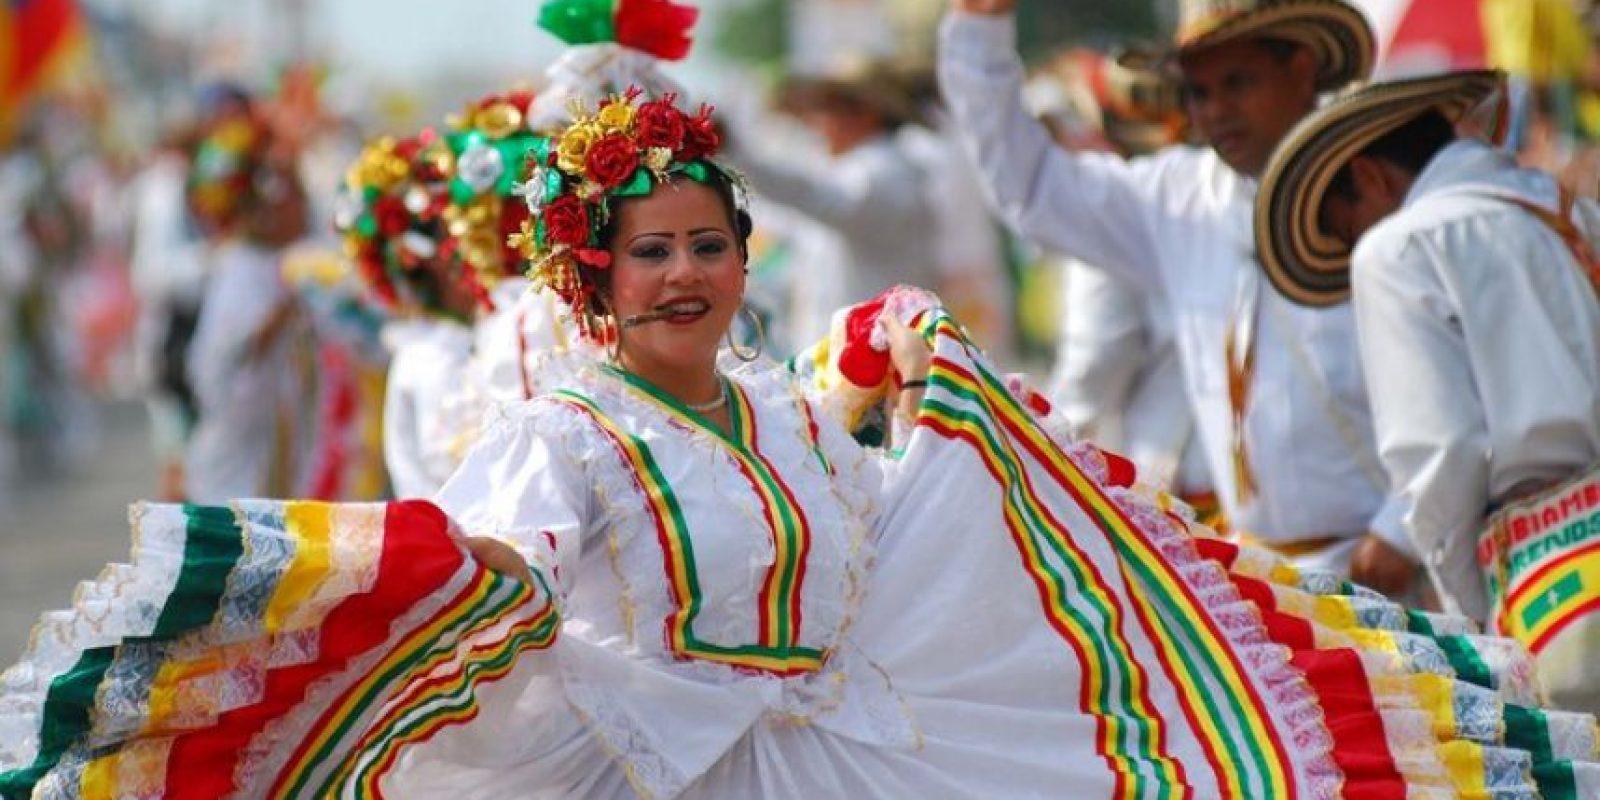 c953c163f Danzas, disfraces y personajes que debe conocer del Carnaval de ...